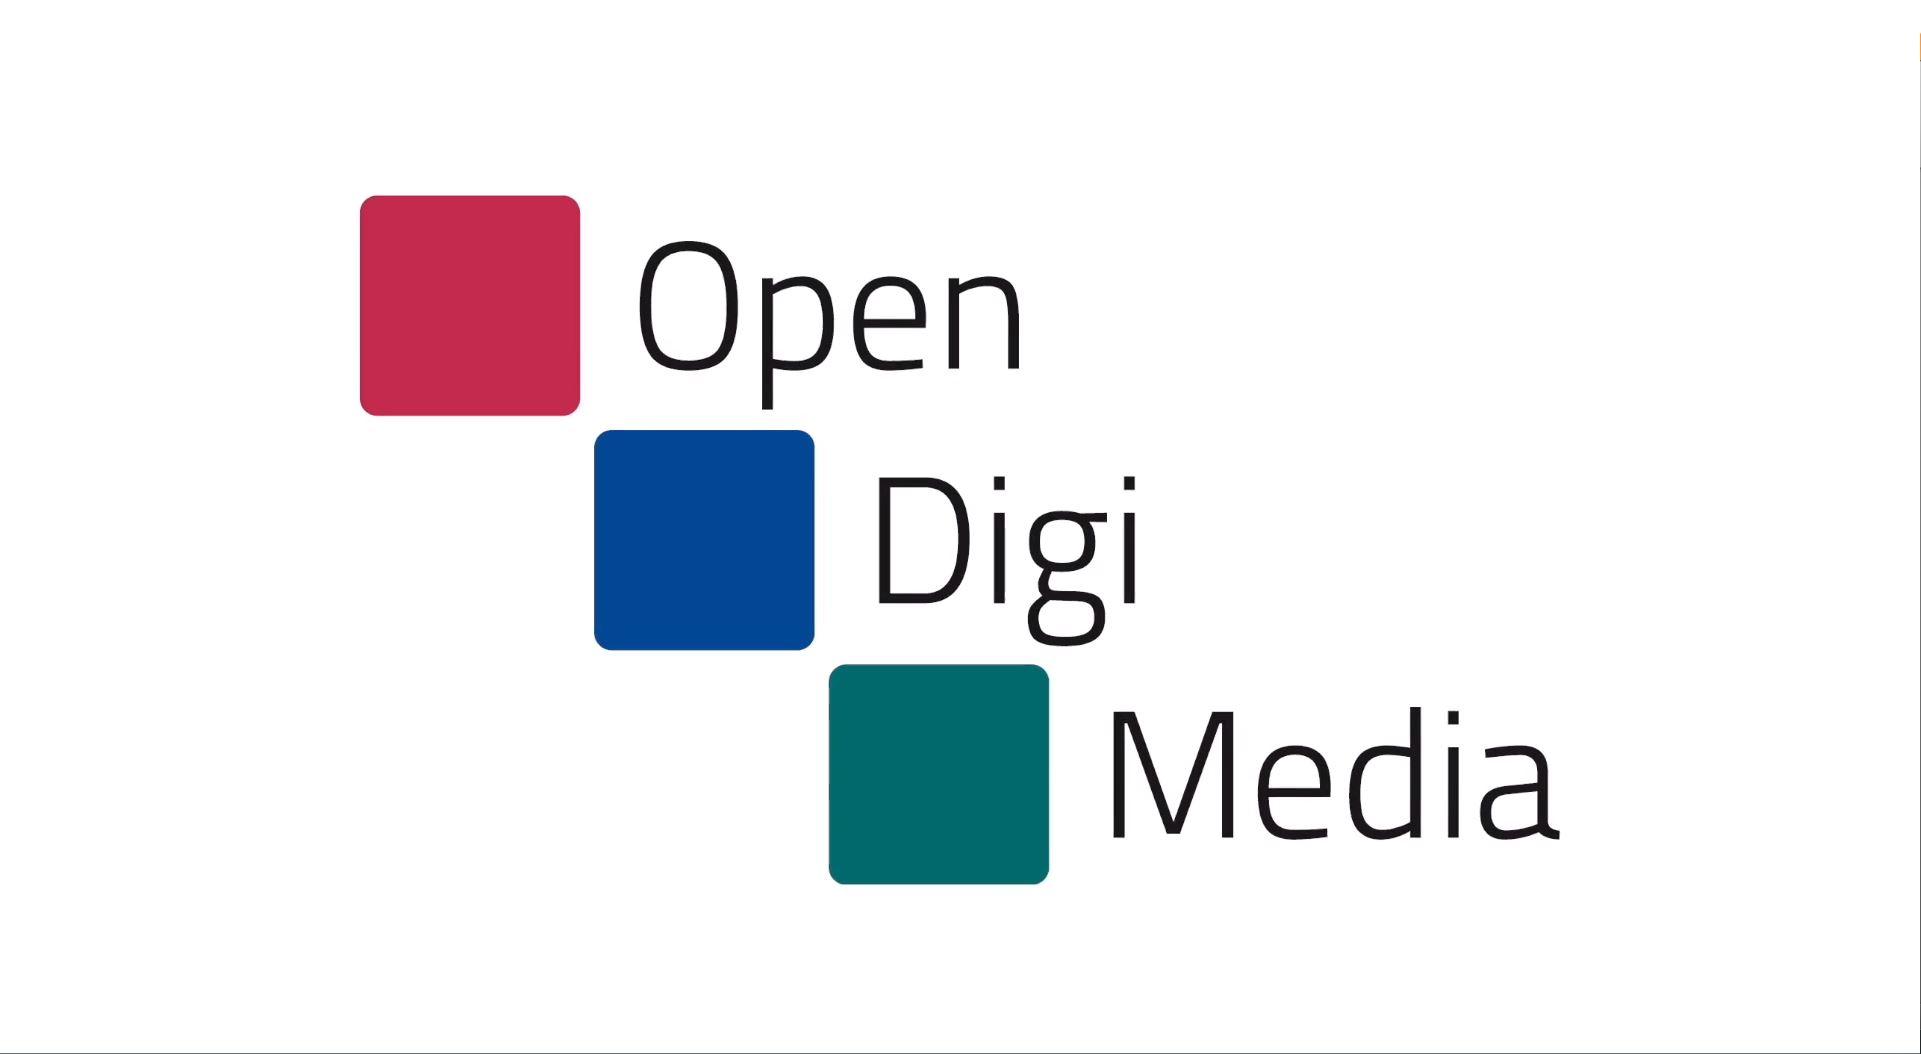 OpenDigiMedia